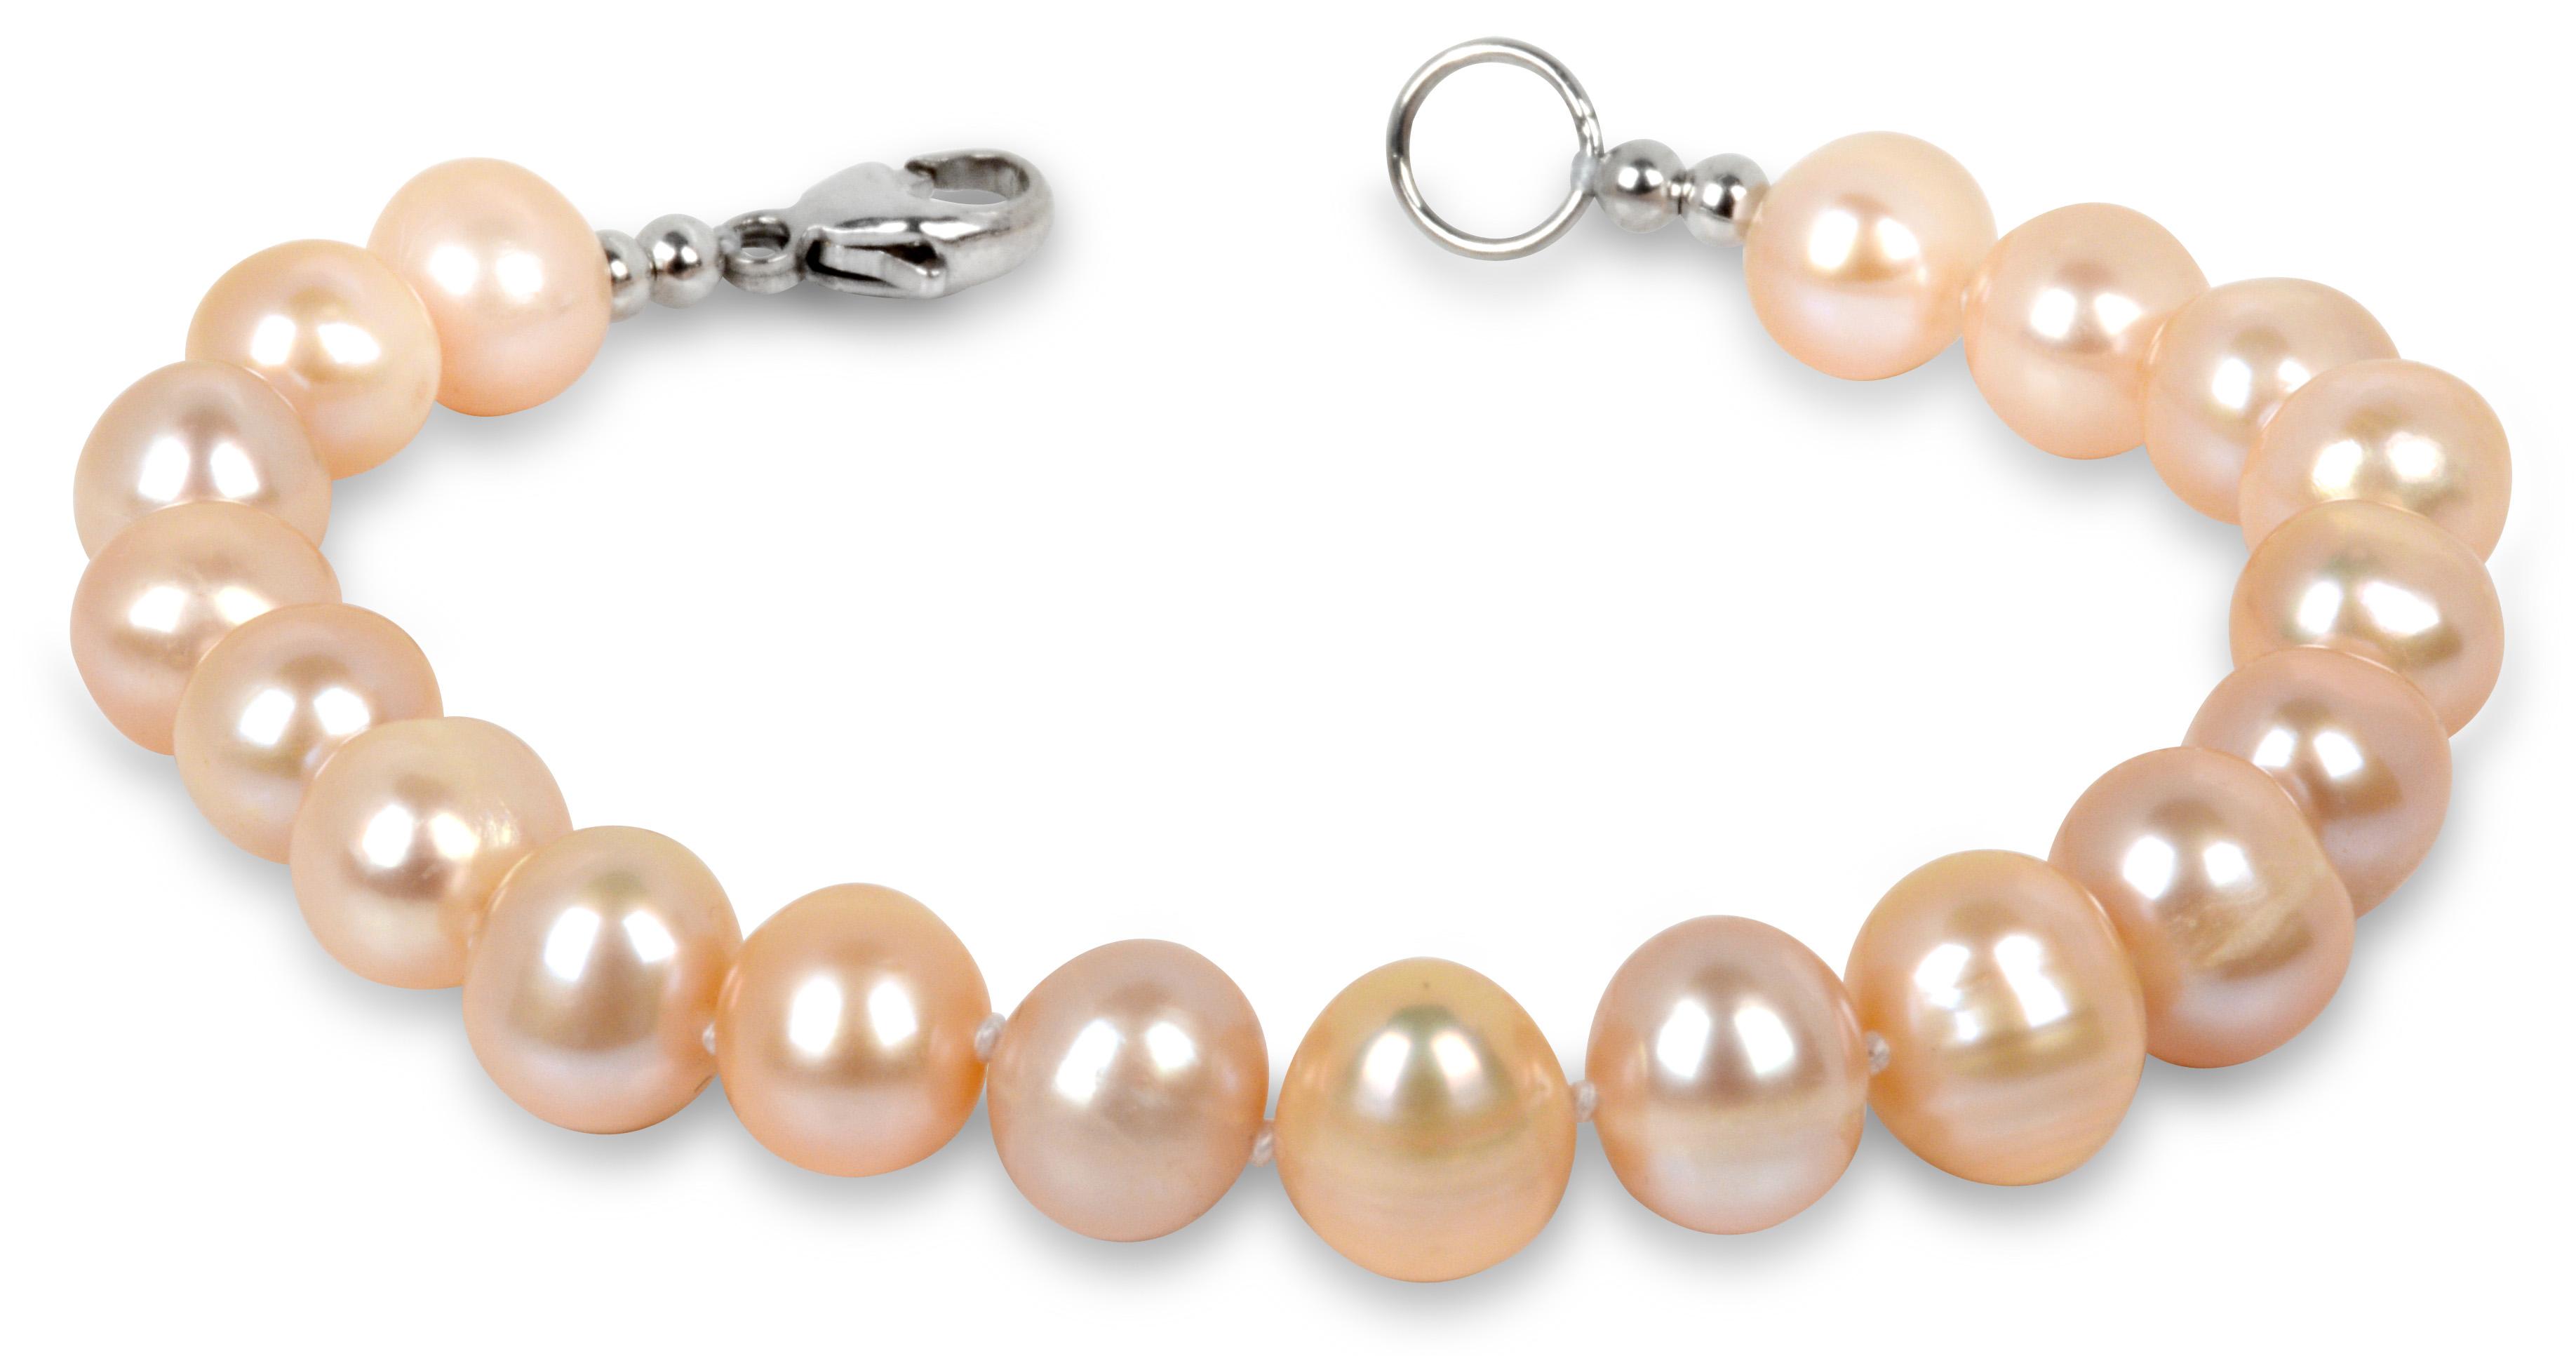 ec8b7819c JwL Luxury Pearls Náramek z pravých lososových perel JL0142 | Hodinky.cz